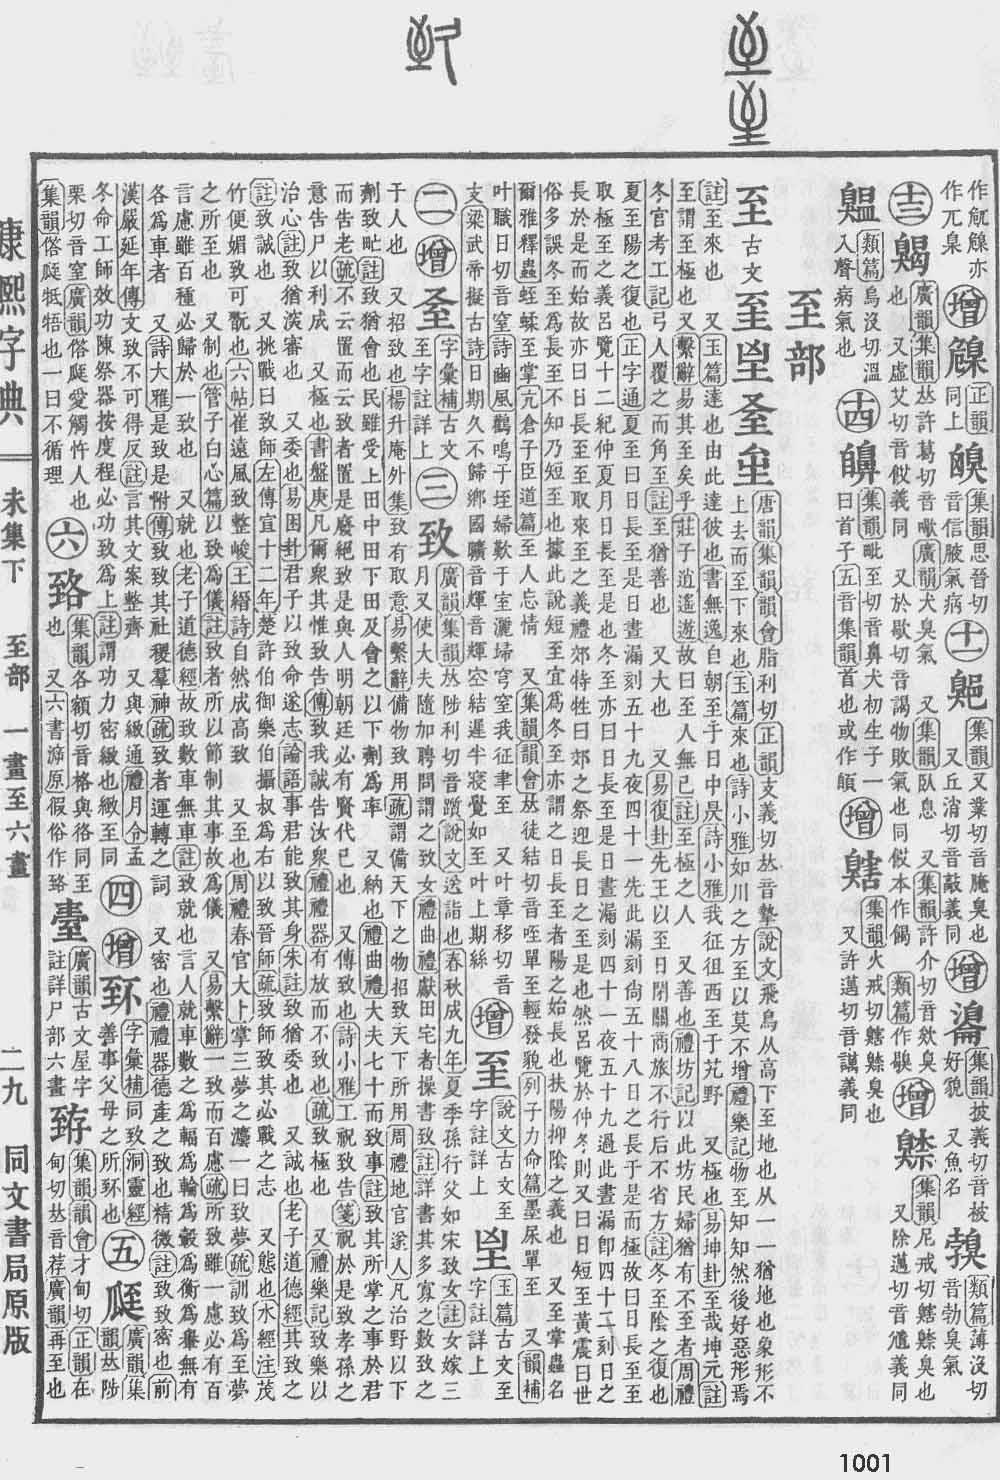 《康熙字典》第1001页